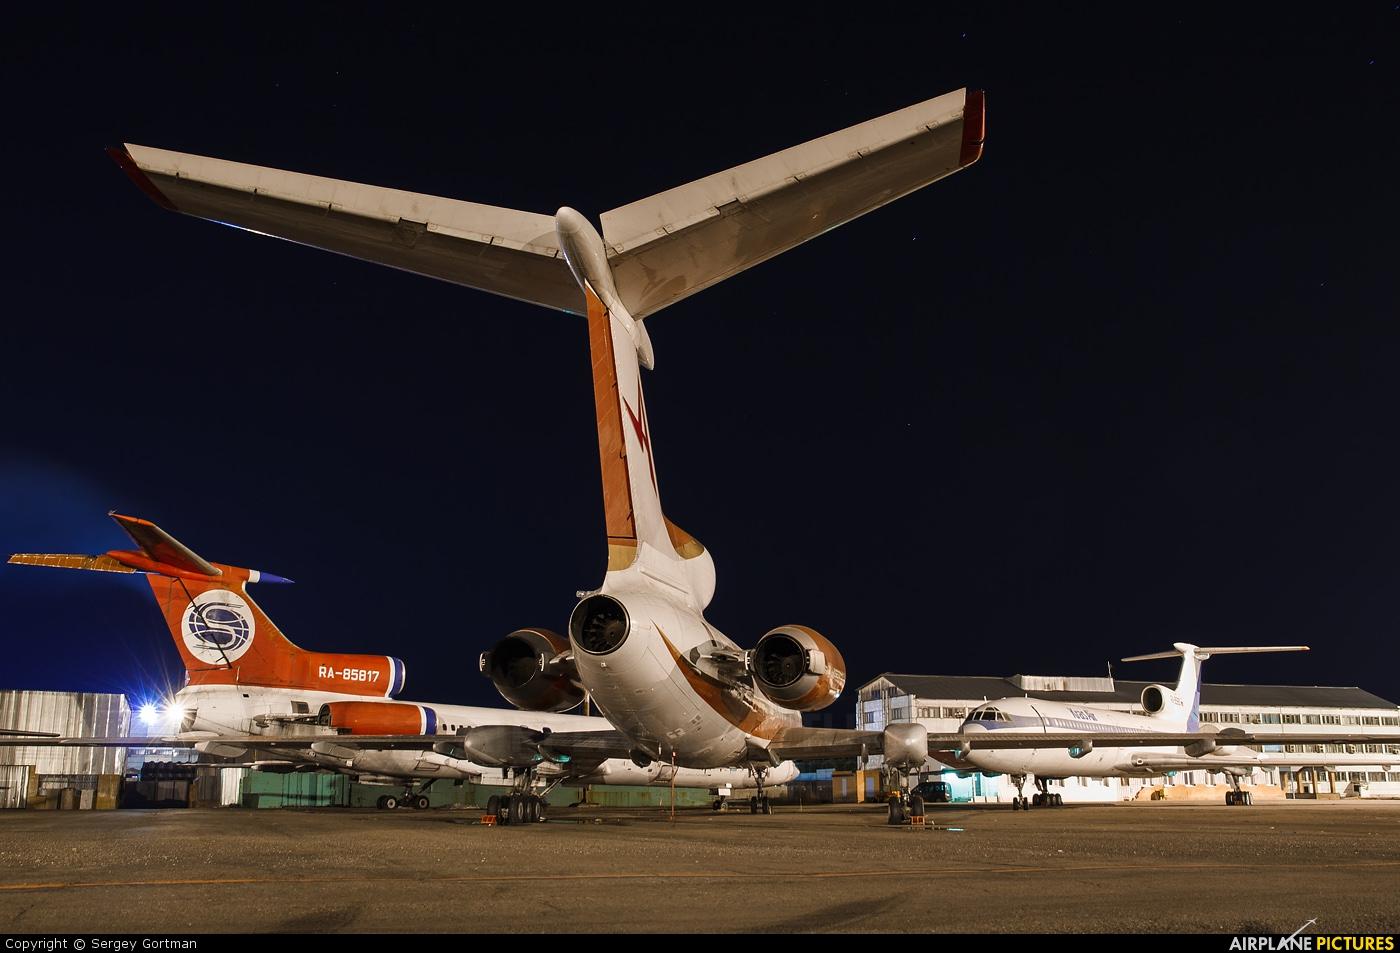 Continent RA-85123 aircraft at Krasnoyarsk - Yemelyanovo